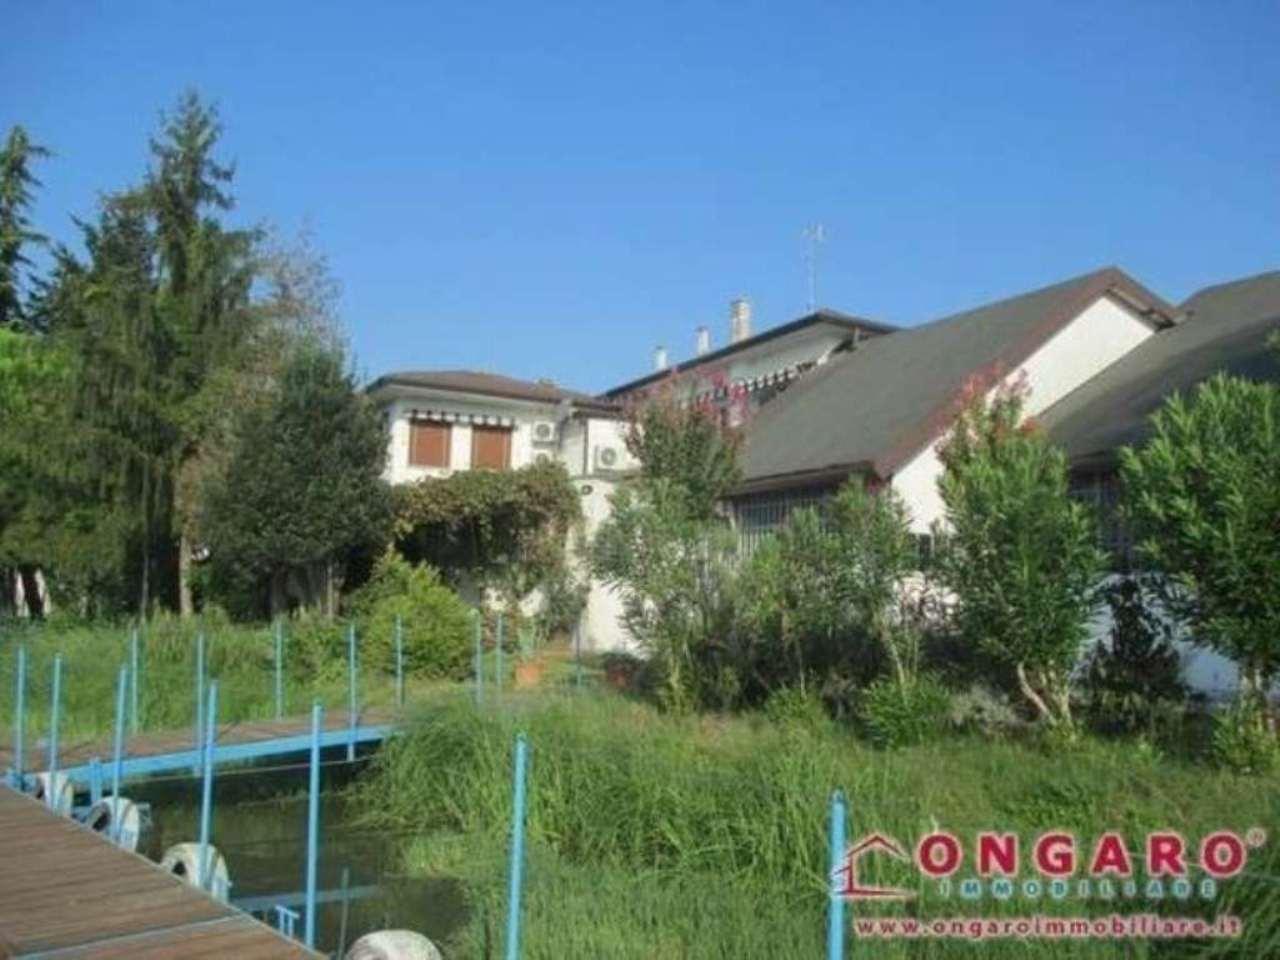 Soluzione Indipendente in vendita a Copparo, 6 locali, prezzo € 170.000 | Cambio Casa.it